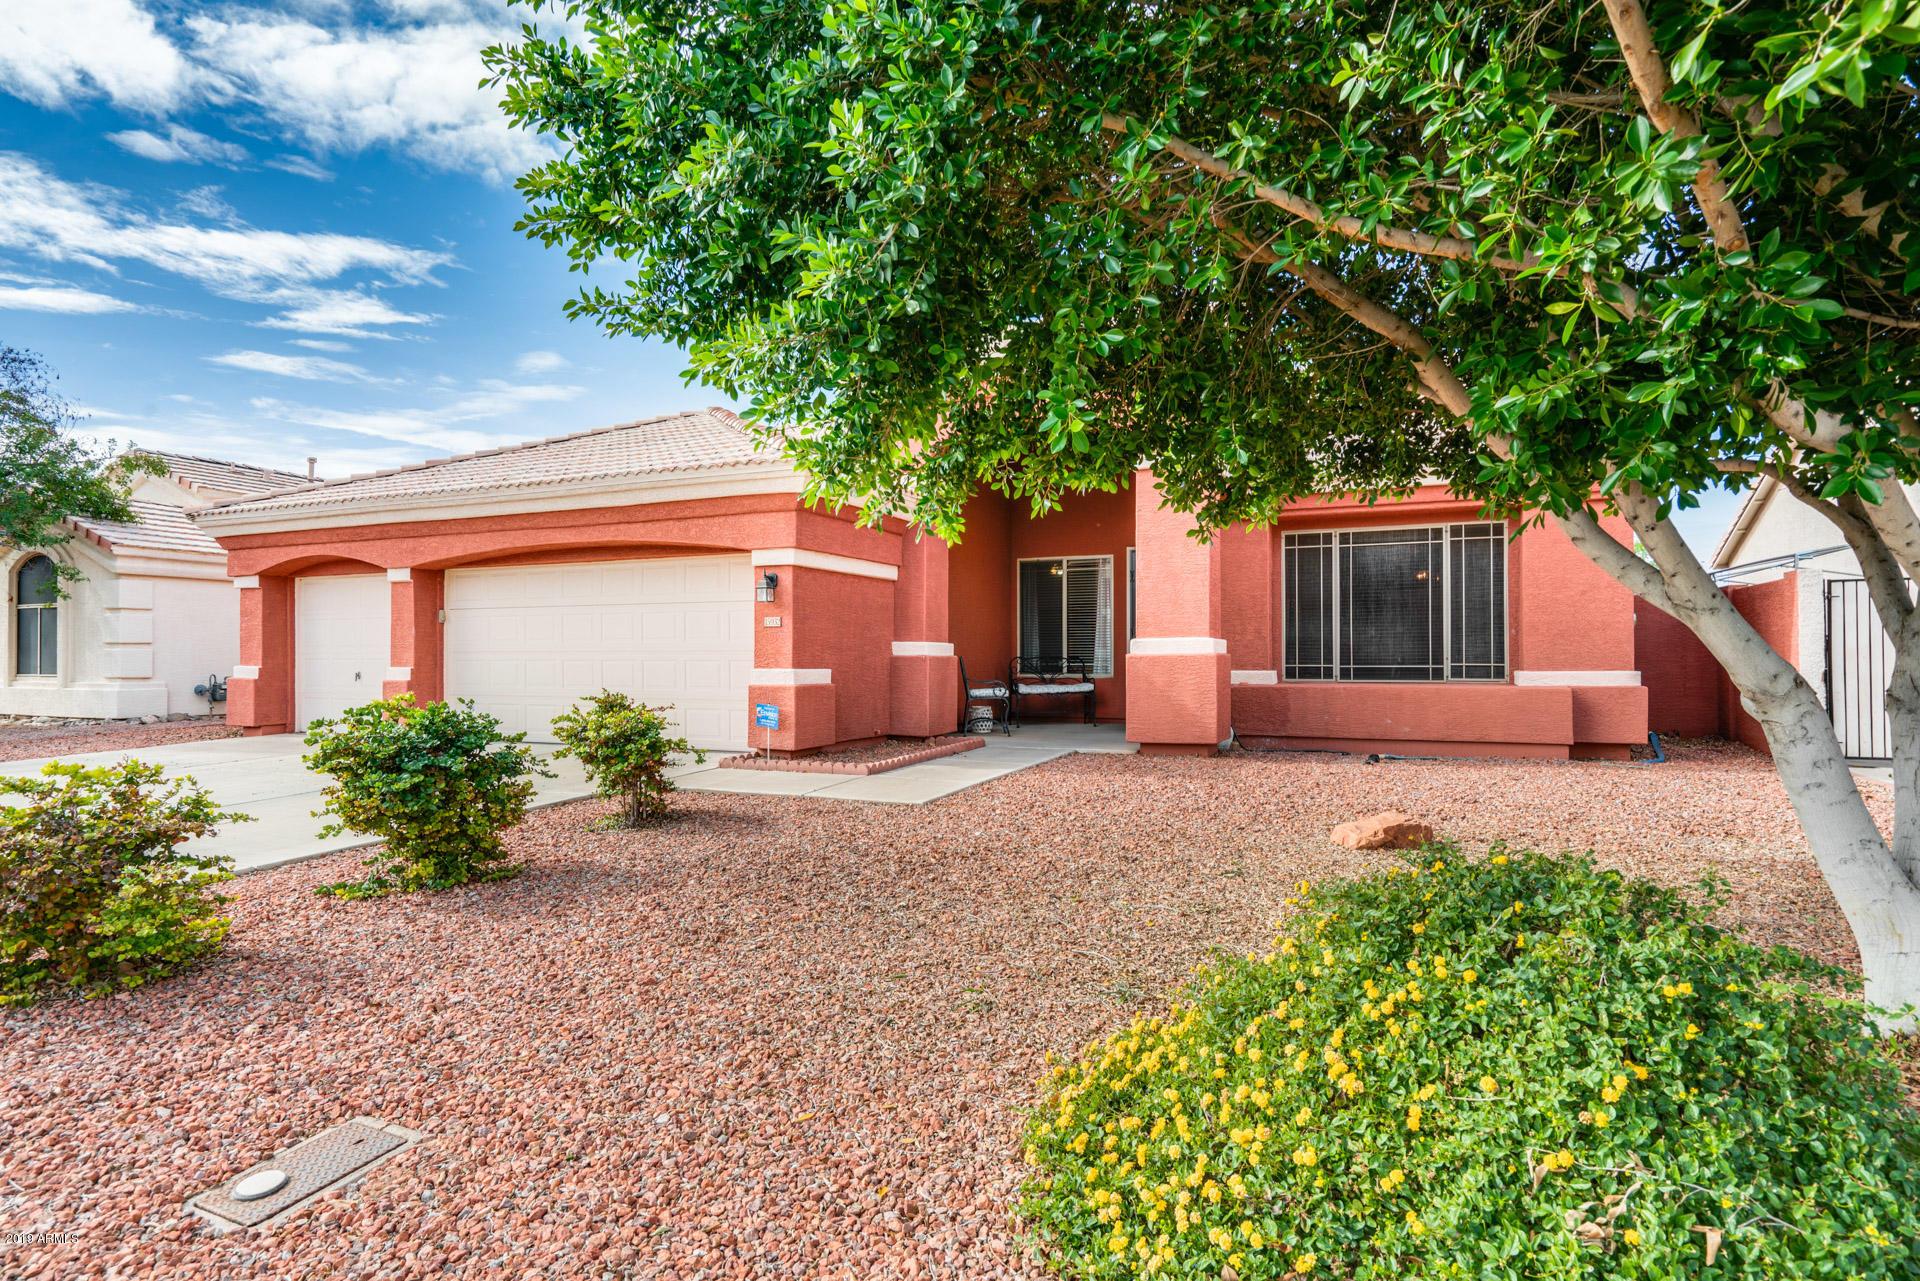 15932 N 76th Lane, Peoria AZ 85382 - Photo 1